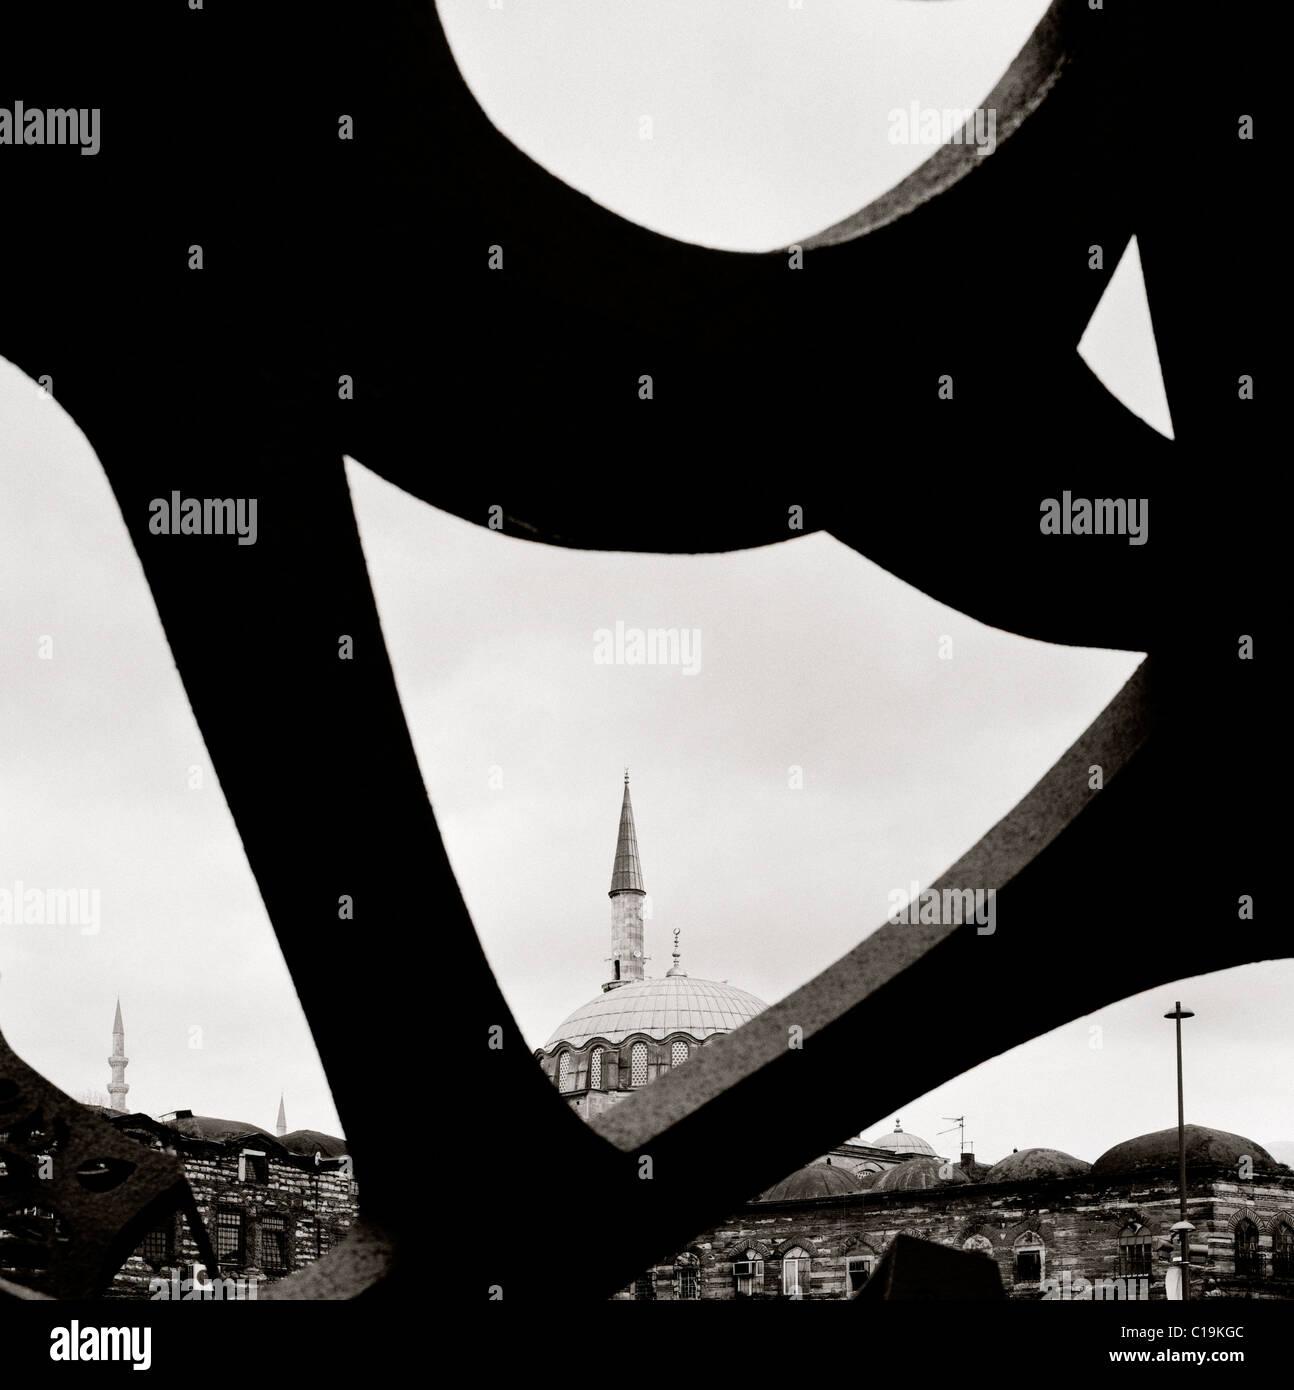 Moderna arte astratta e Moschea Islamica di Istanbul in Turchia nel Medio Oriente asiatico. Brutalist geometria Immagini Stock